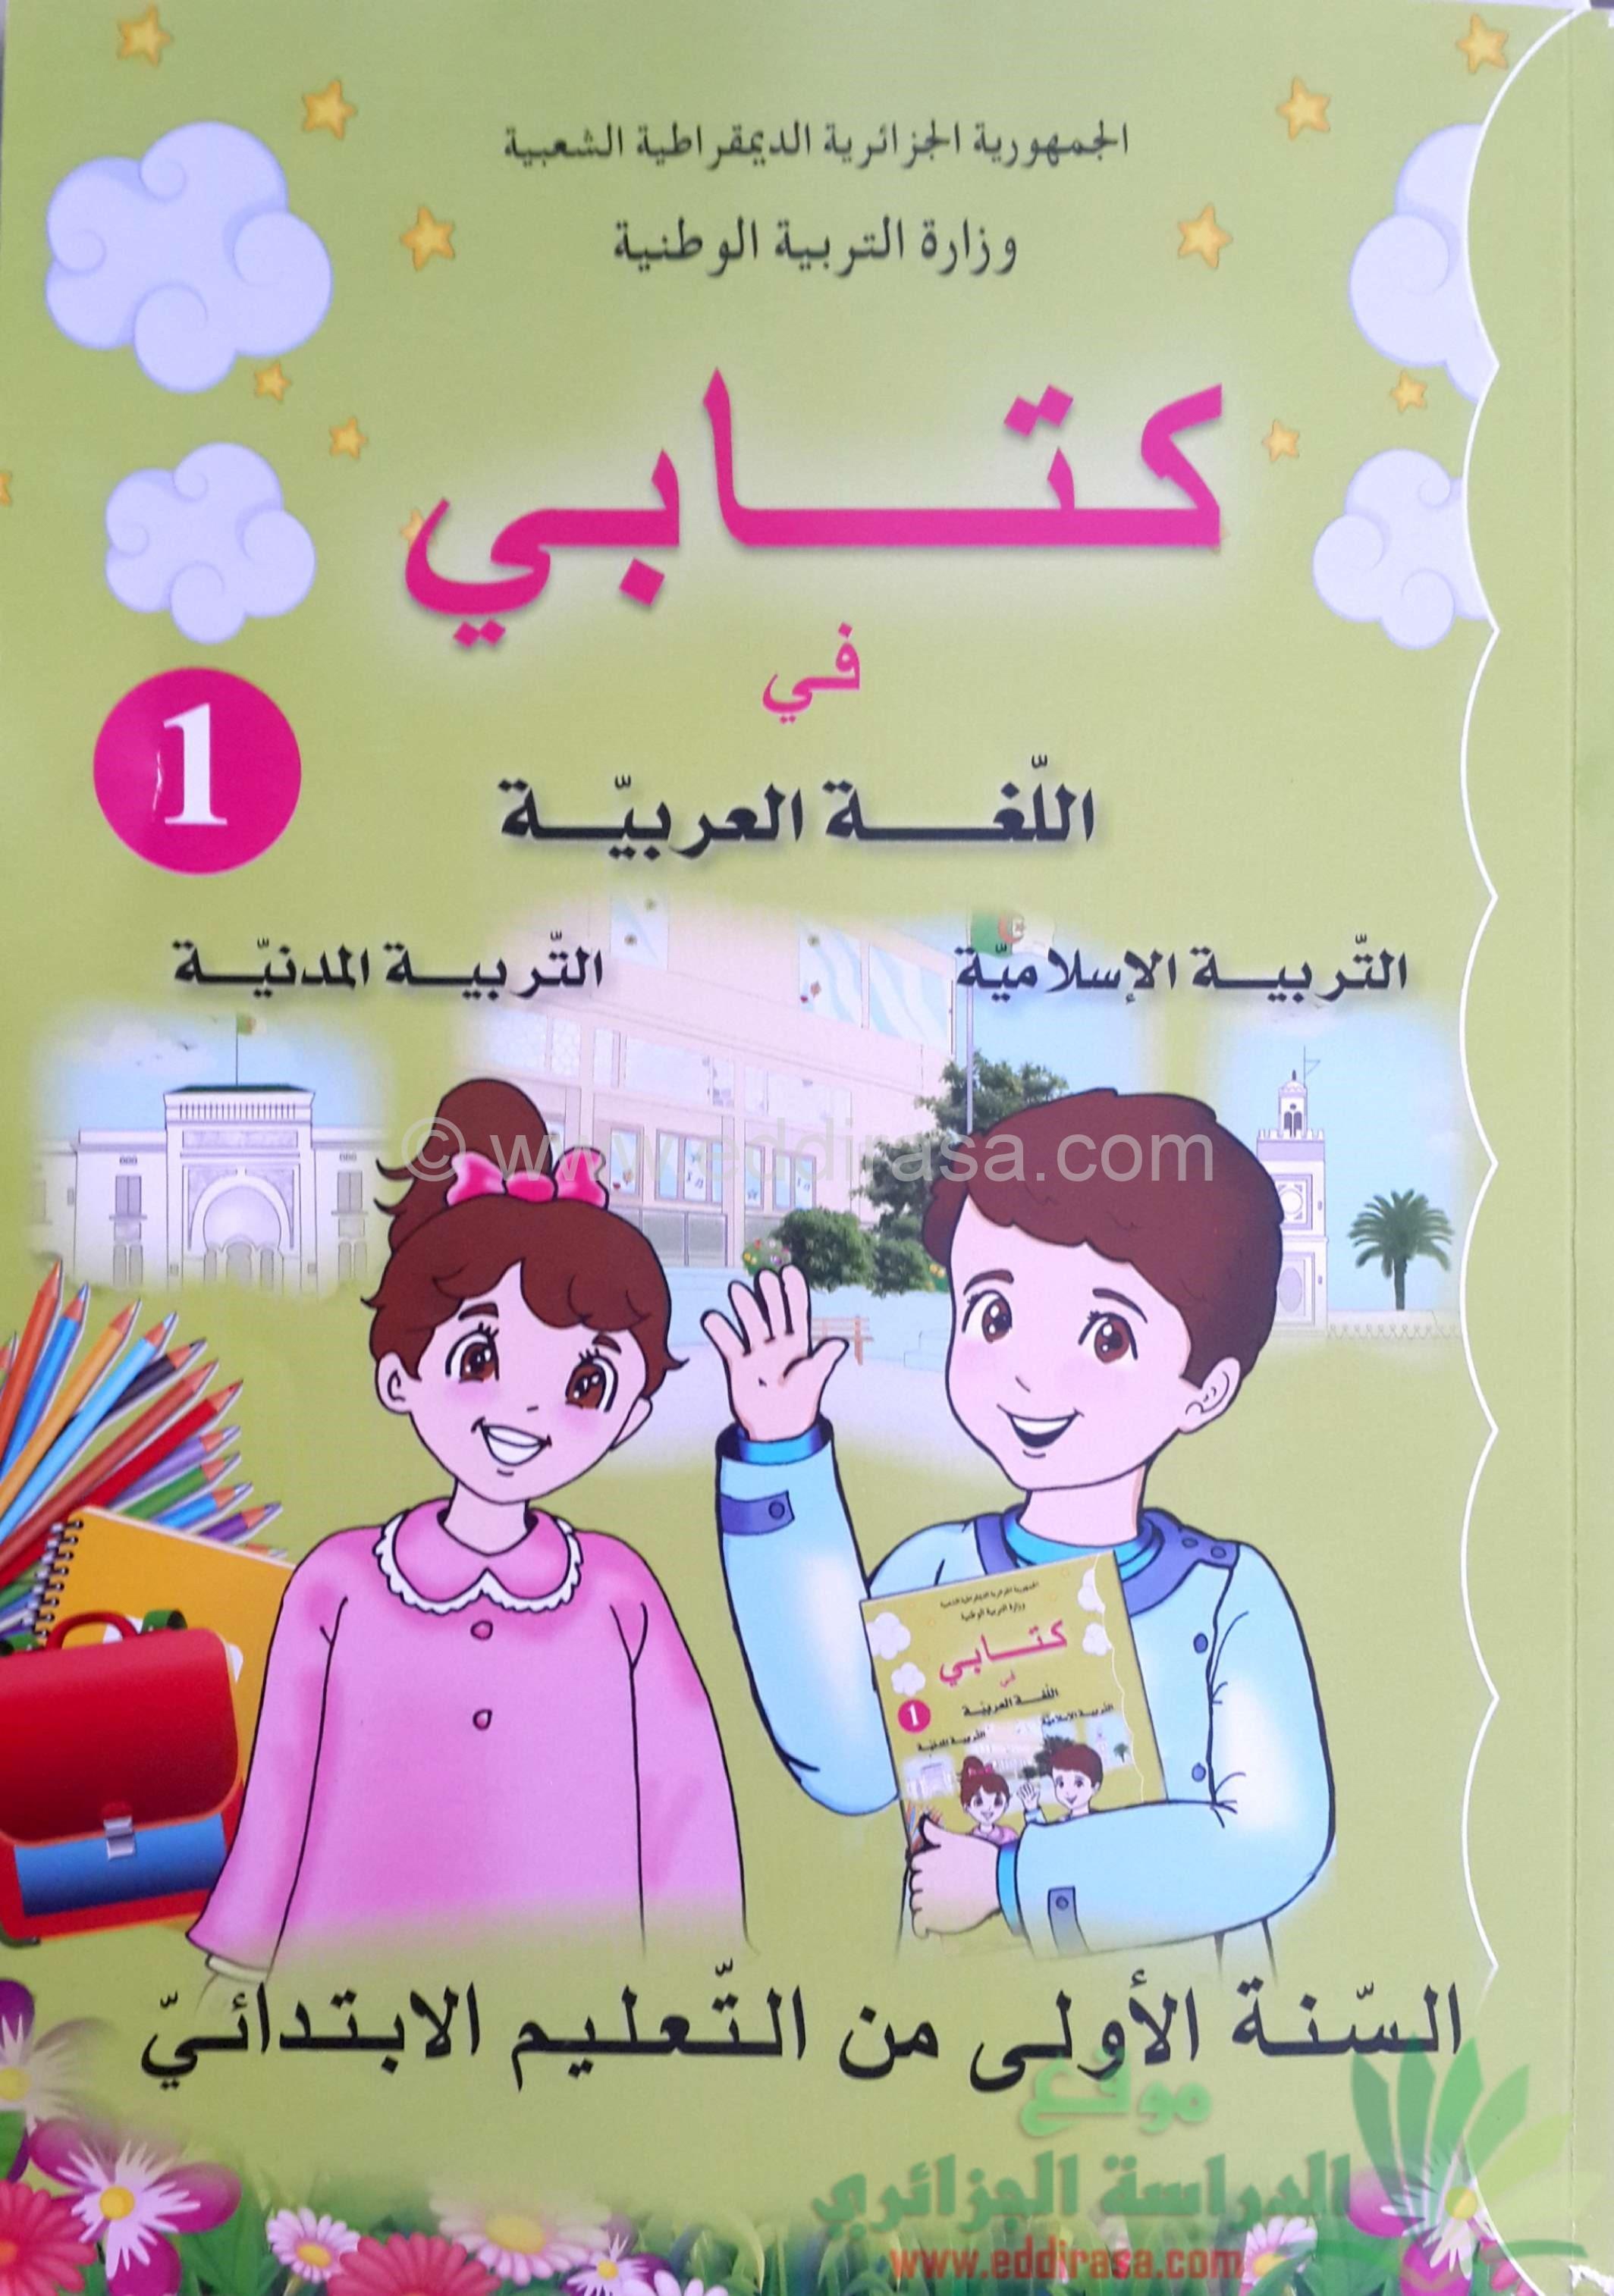 تحميل كتاب اللغة العربية للصف الاول الابتدائي 2019